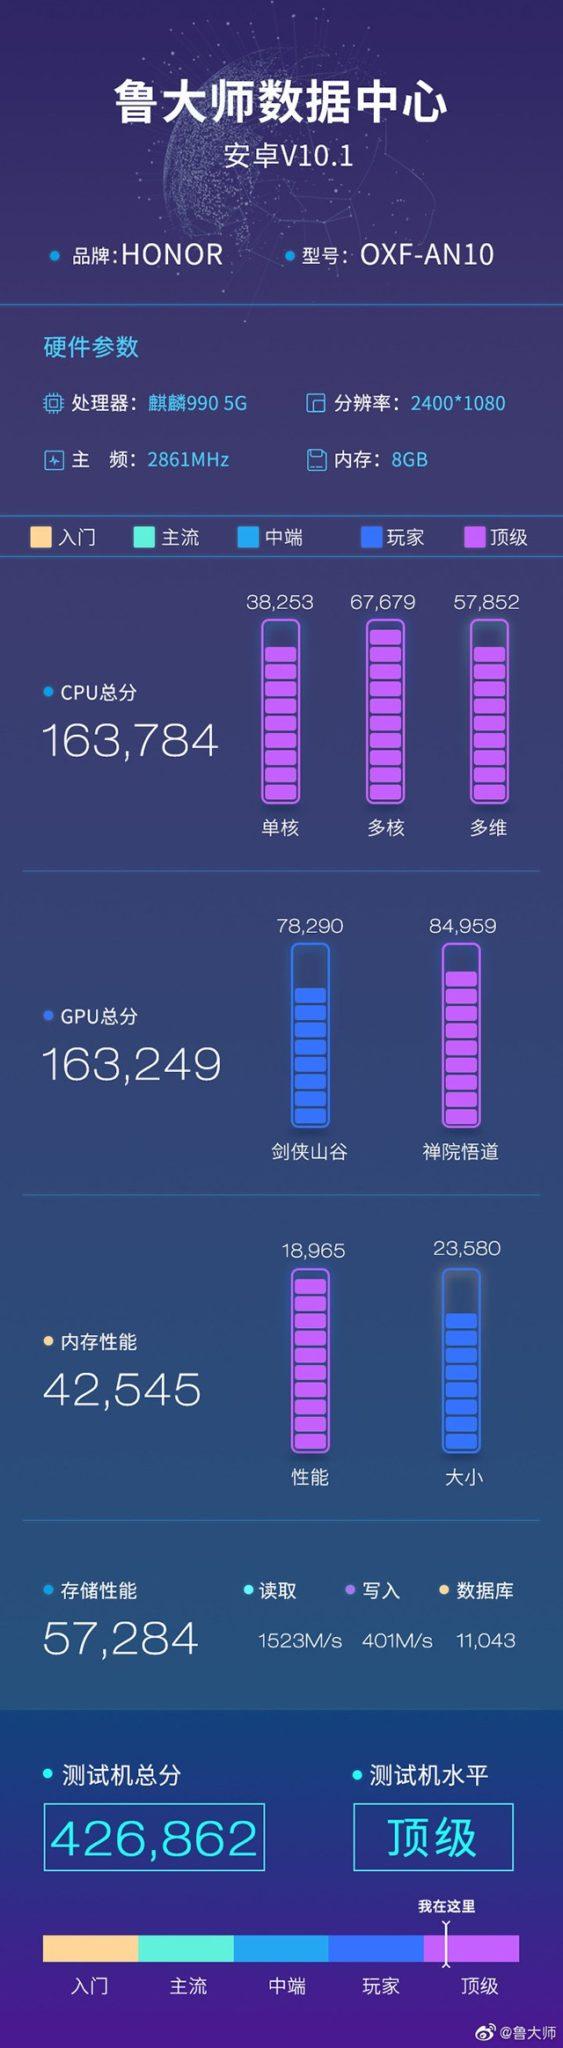 Puntuaciones del Honor V30 Pro en la plataforma de Master Lu